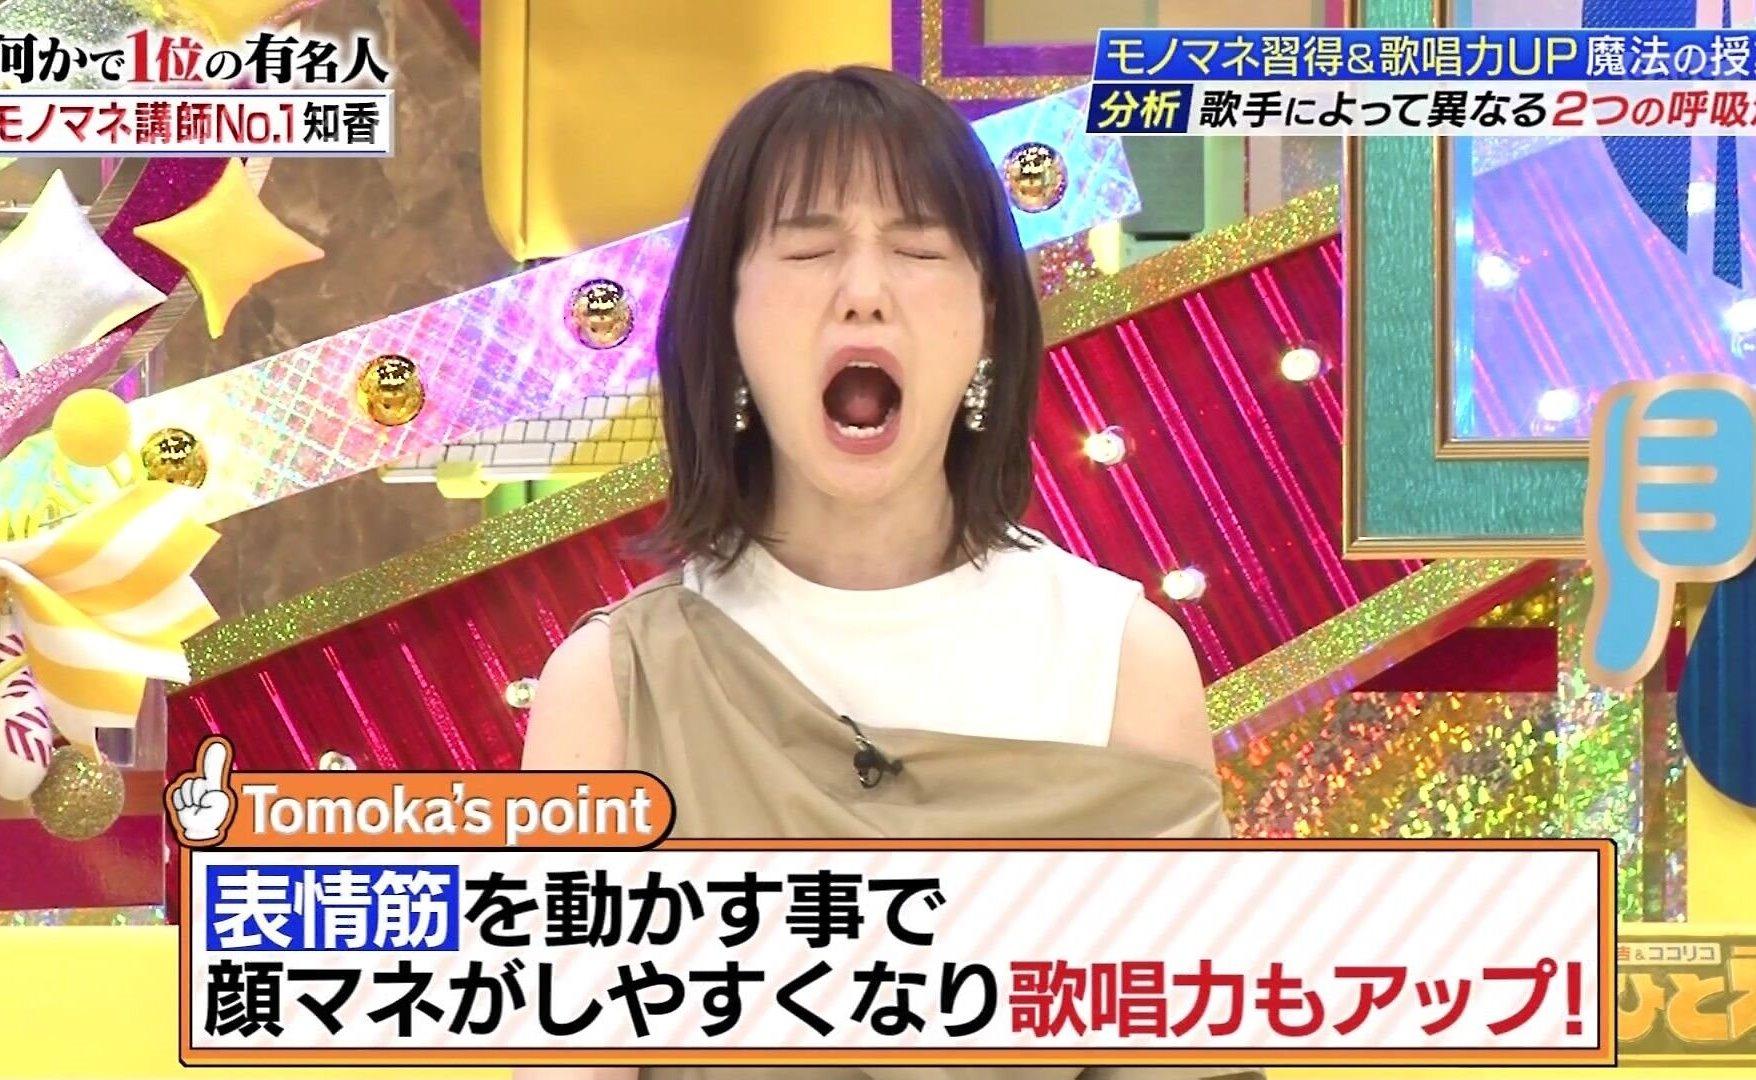 弘中綾香の変顔&舌出し (1)